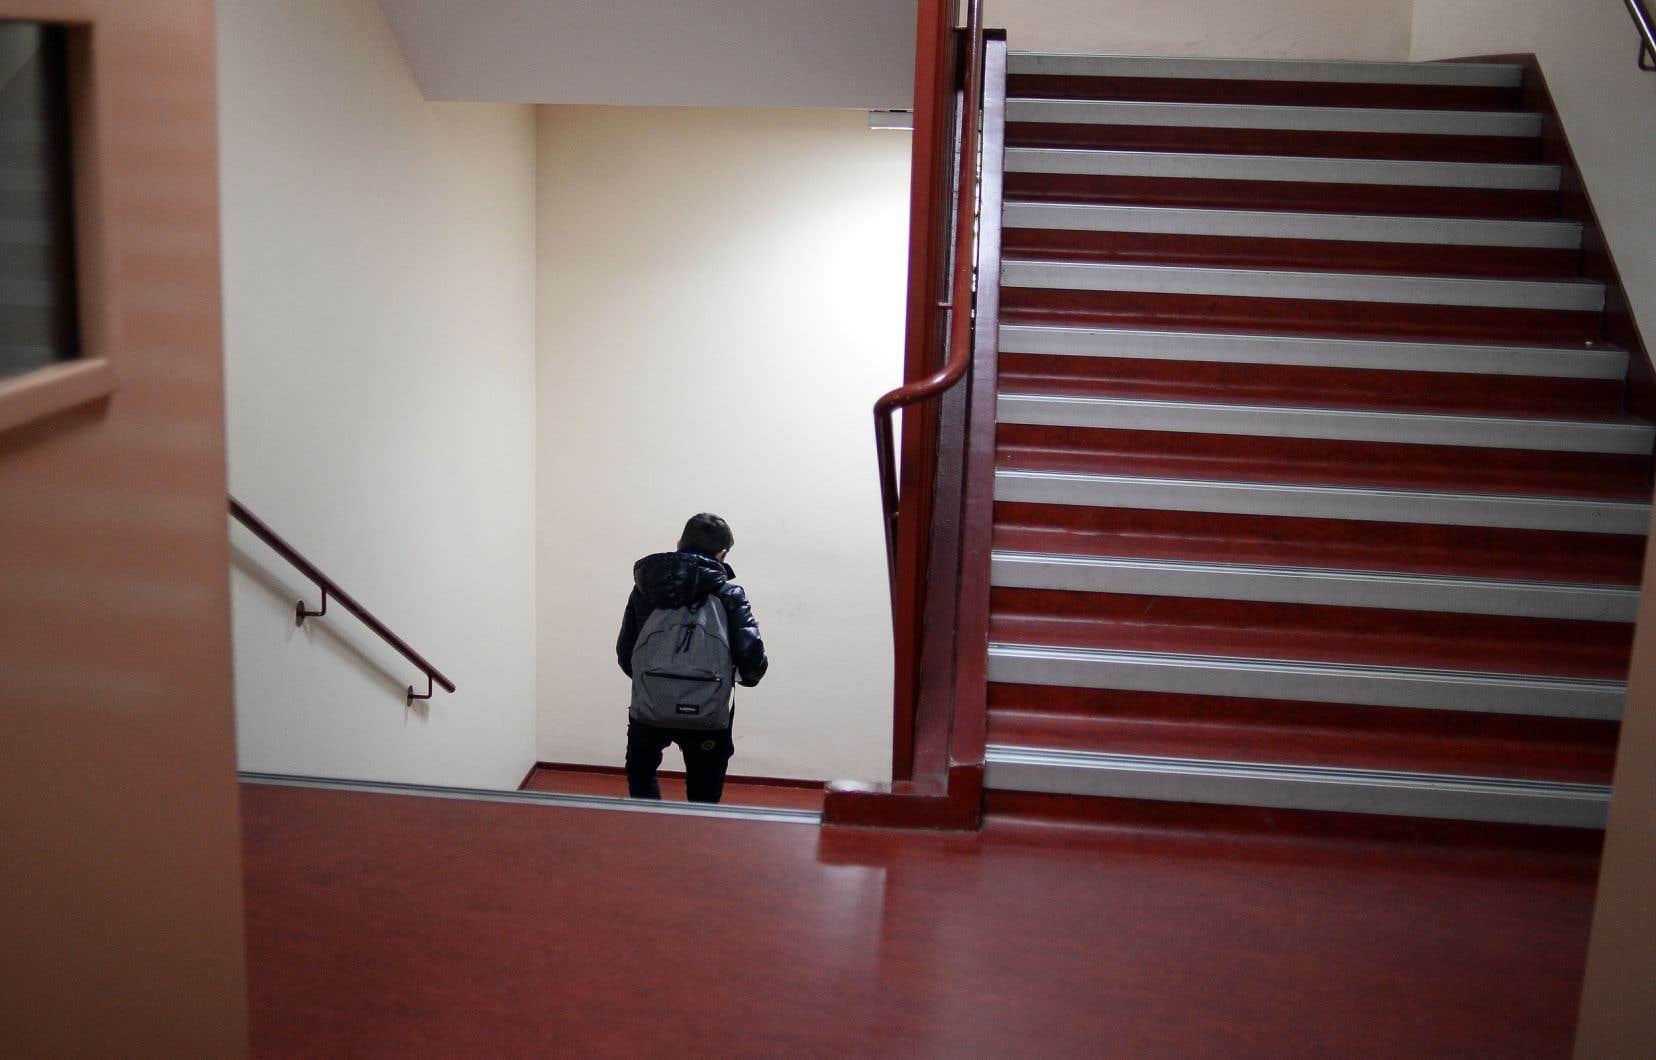 Au secondaire, 29% des jeunes ayant peu confiance en leurs capacités sont à haut risque de décrochage par rapport à seulement 1% de ceux s'estimant très efficaces.